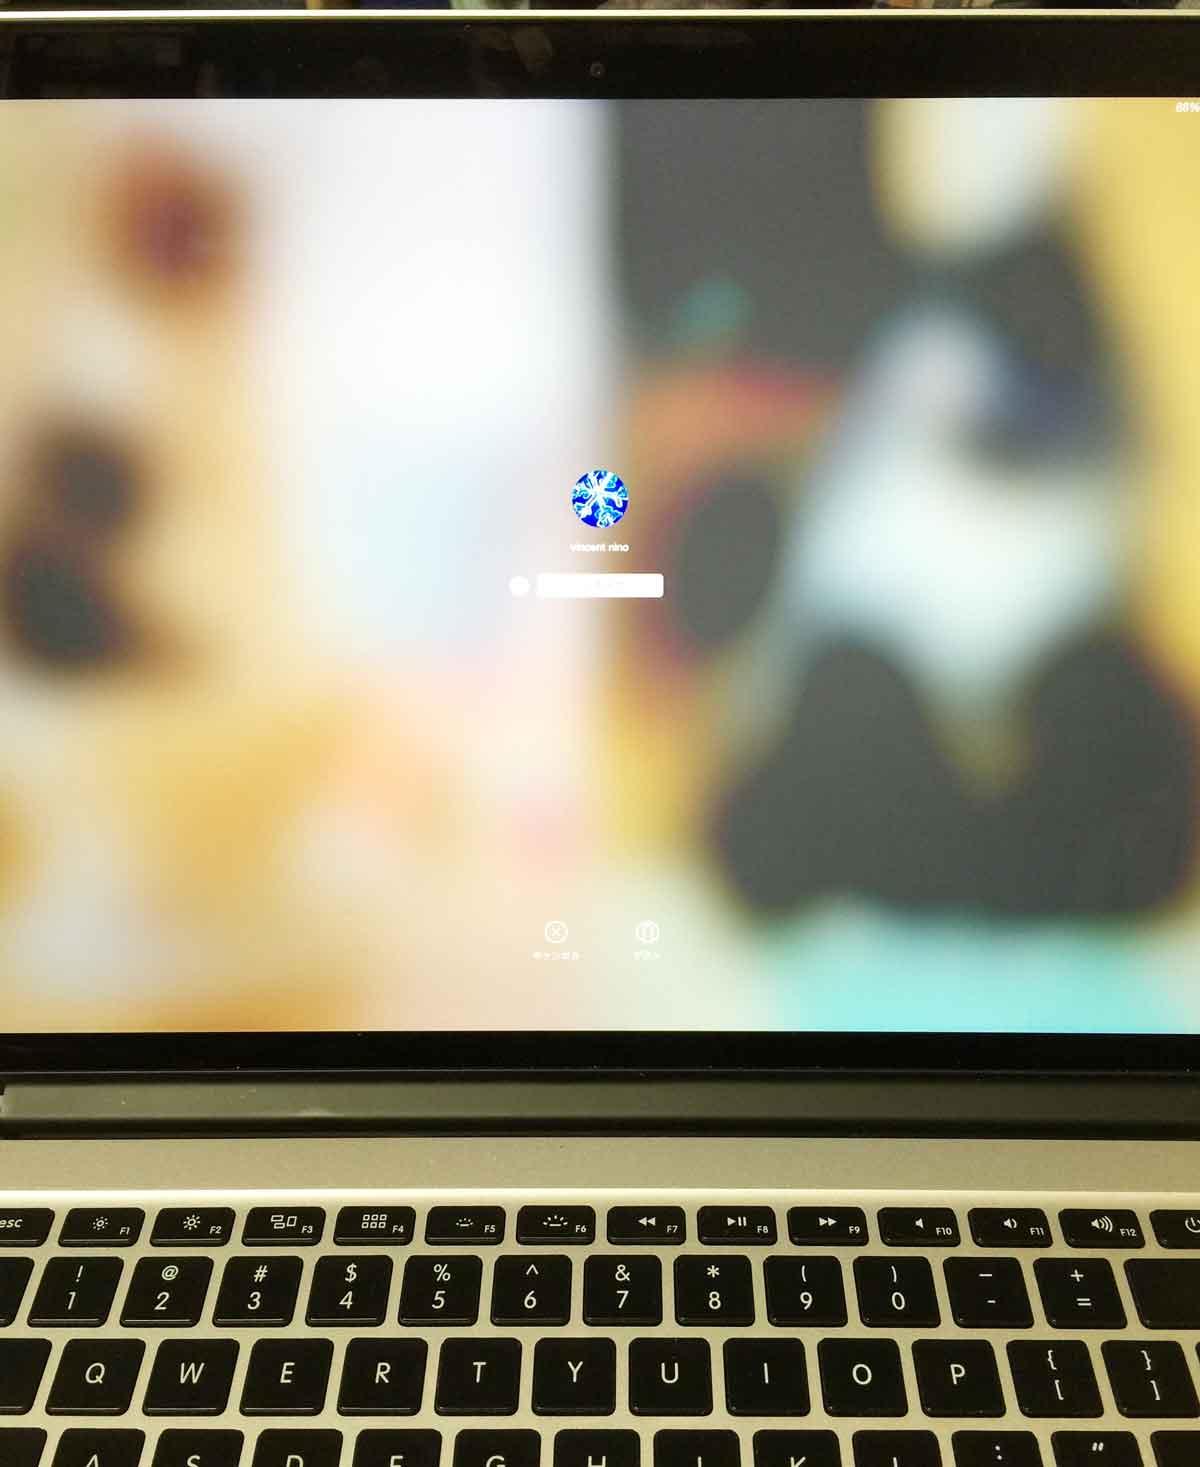 ゆこびんのMacロック画面